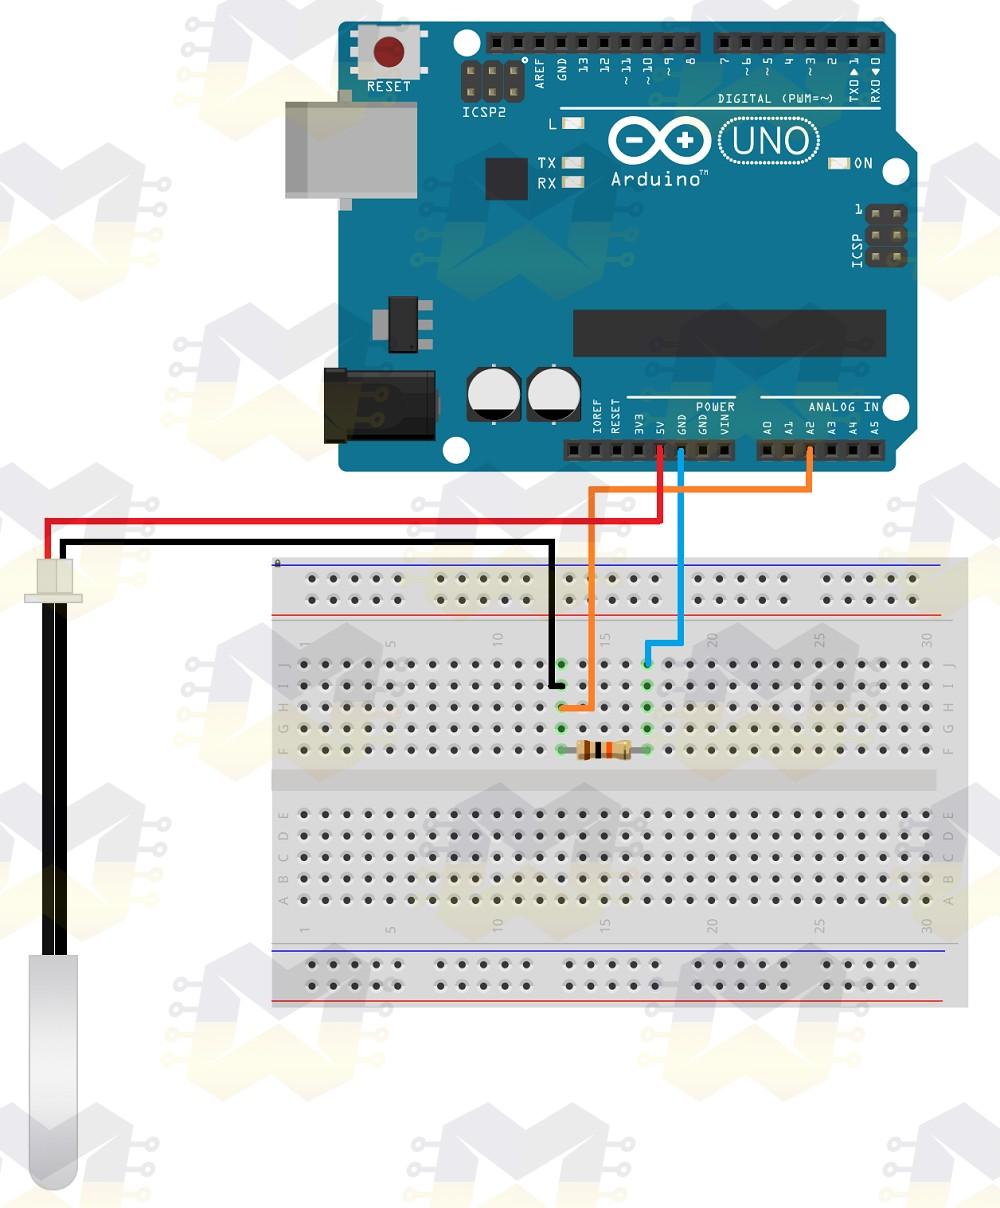 img01_como_usar_com_arduino_sensor_de_temperatura_ntc_10k_3950_prova_dagua_do_tipo_sonda_uno_mega_